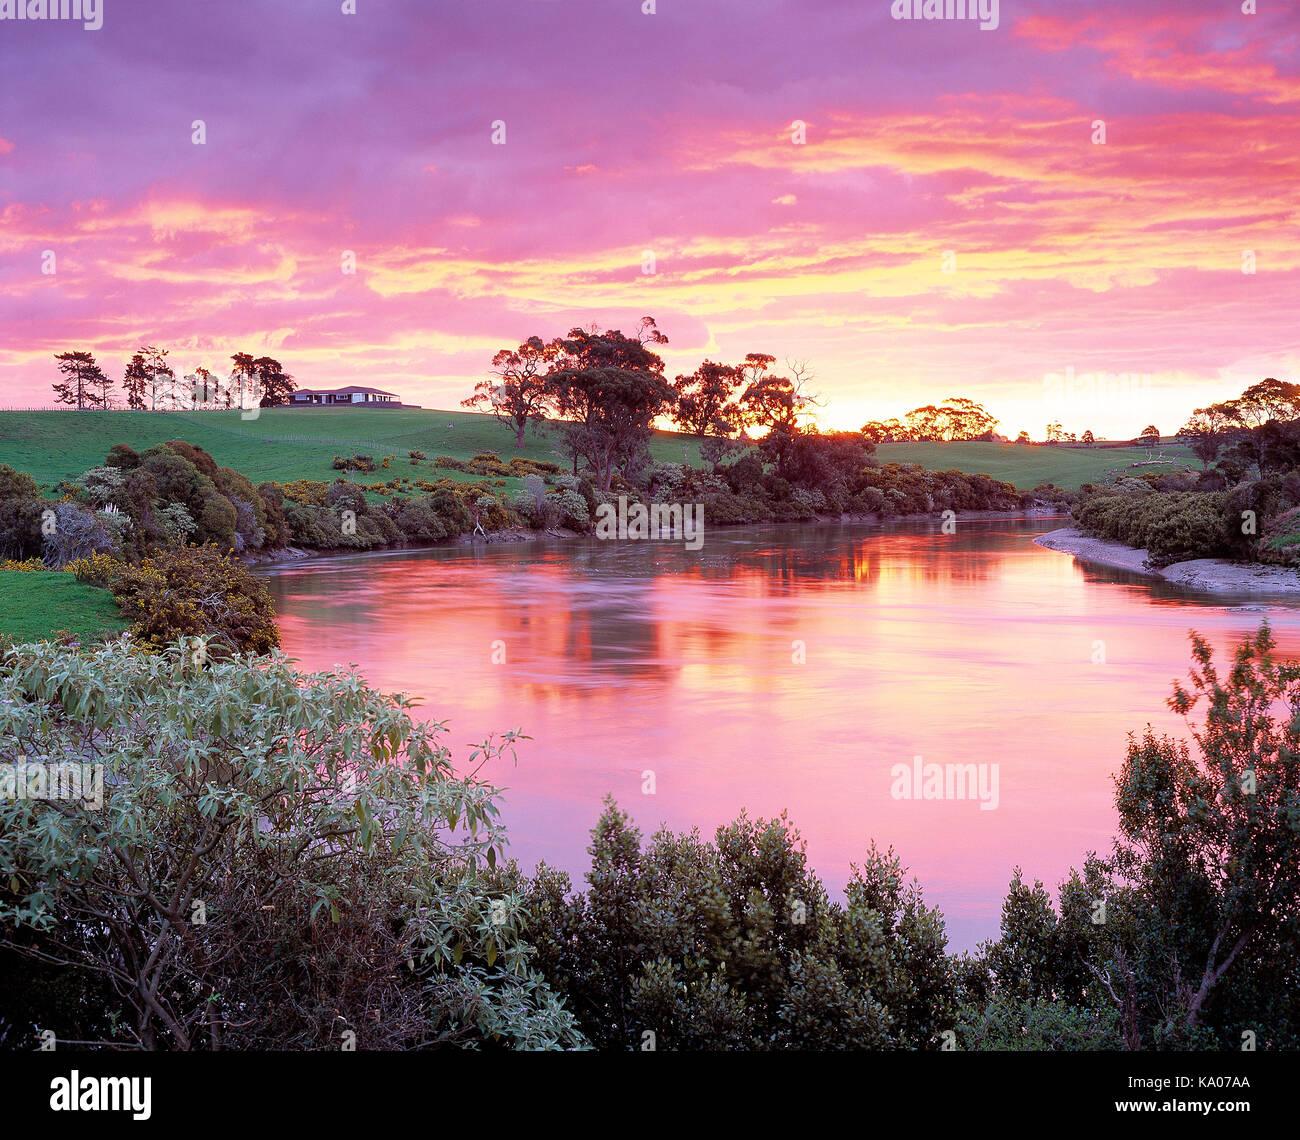 Nouvelle-zélande auckland. région, propriété rurale avec de l'eau au lever du soleil. Banque D'Images